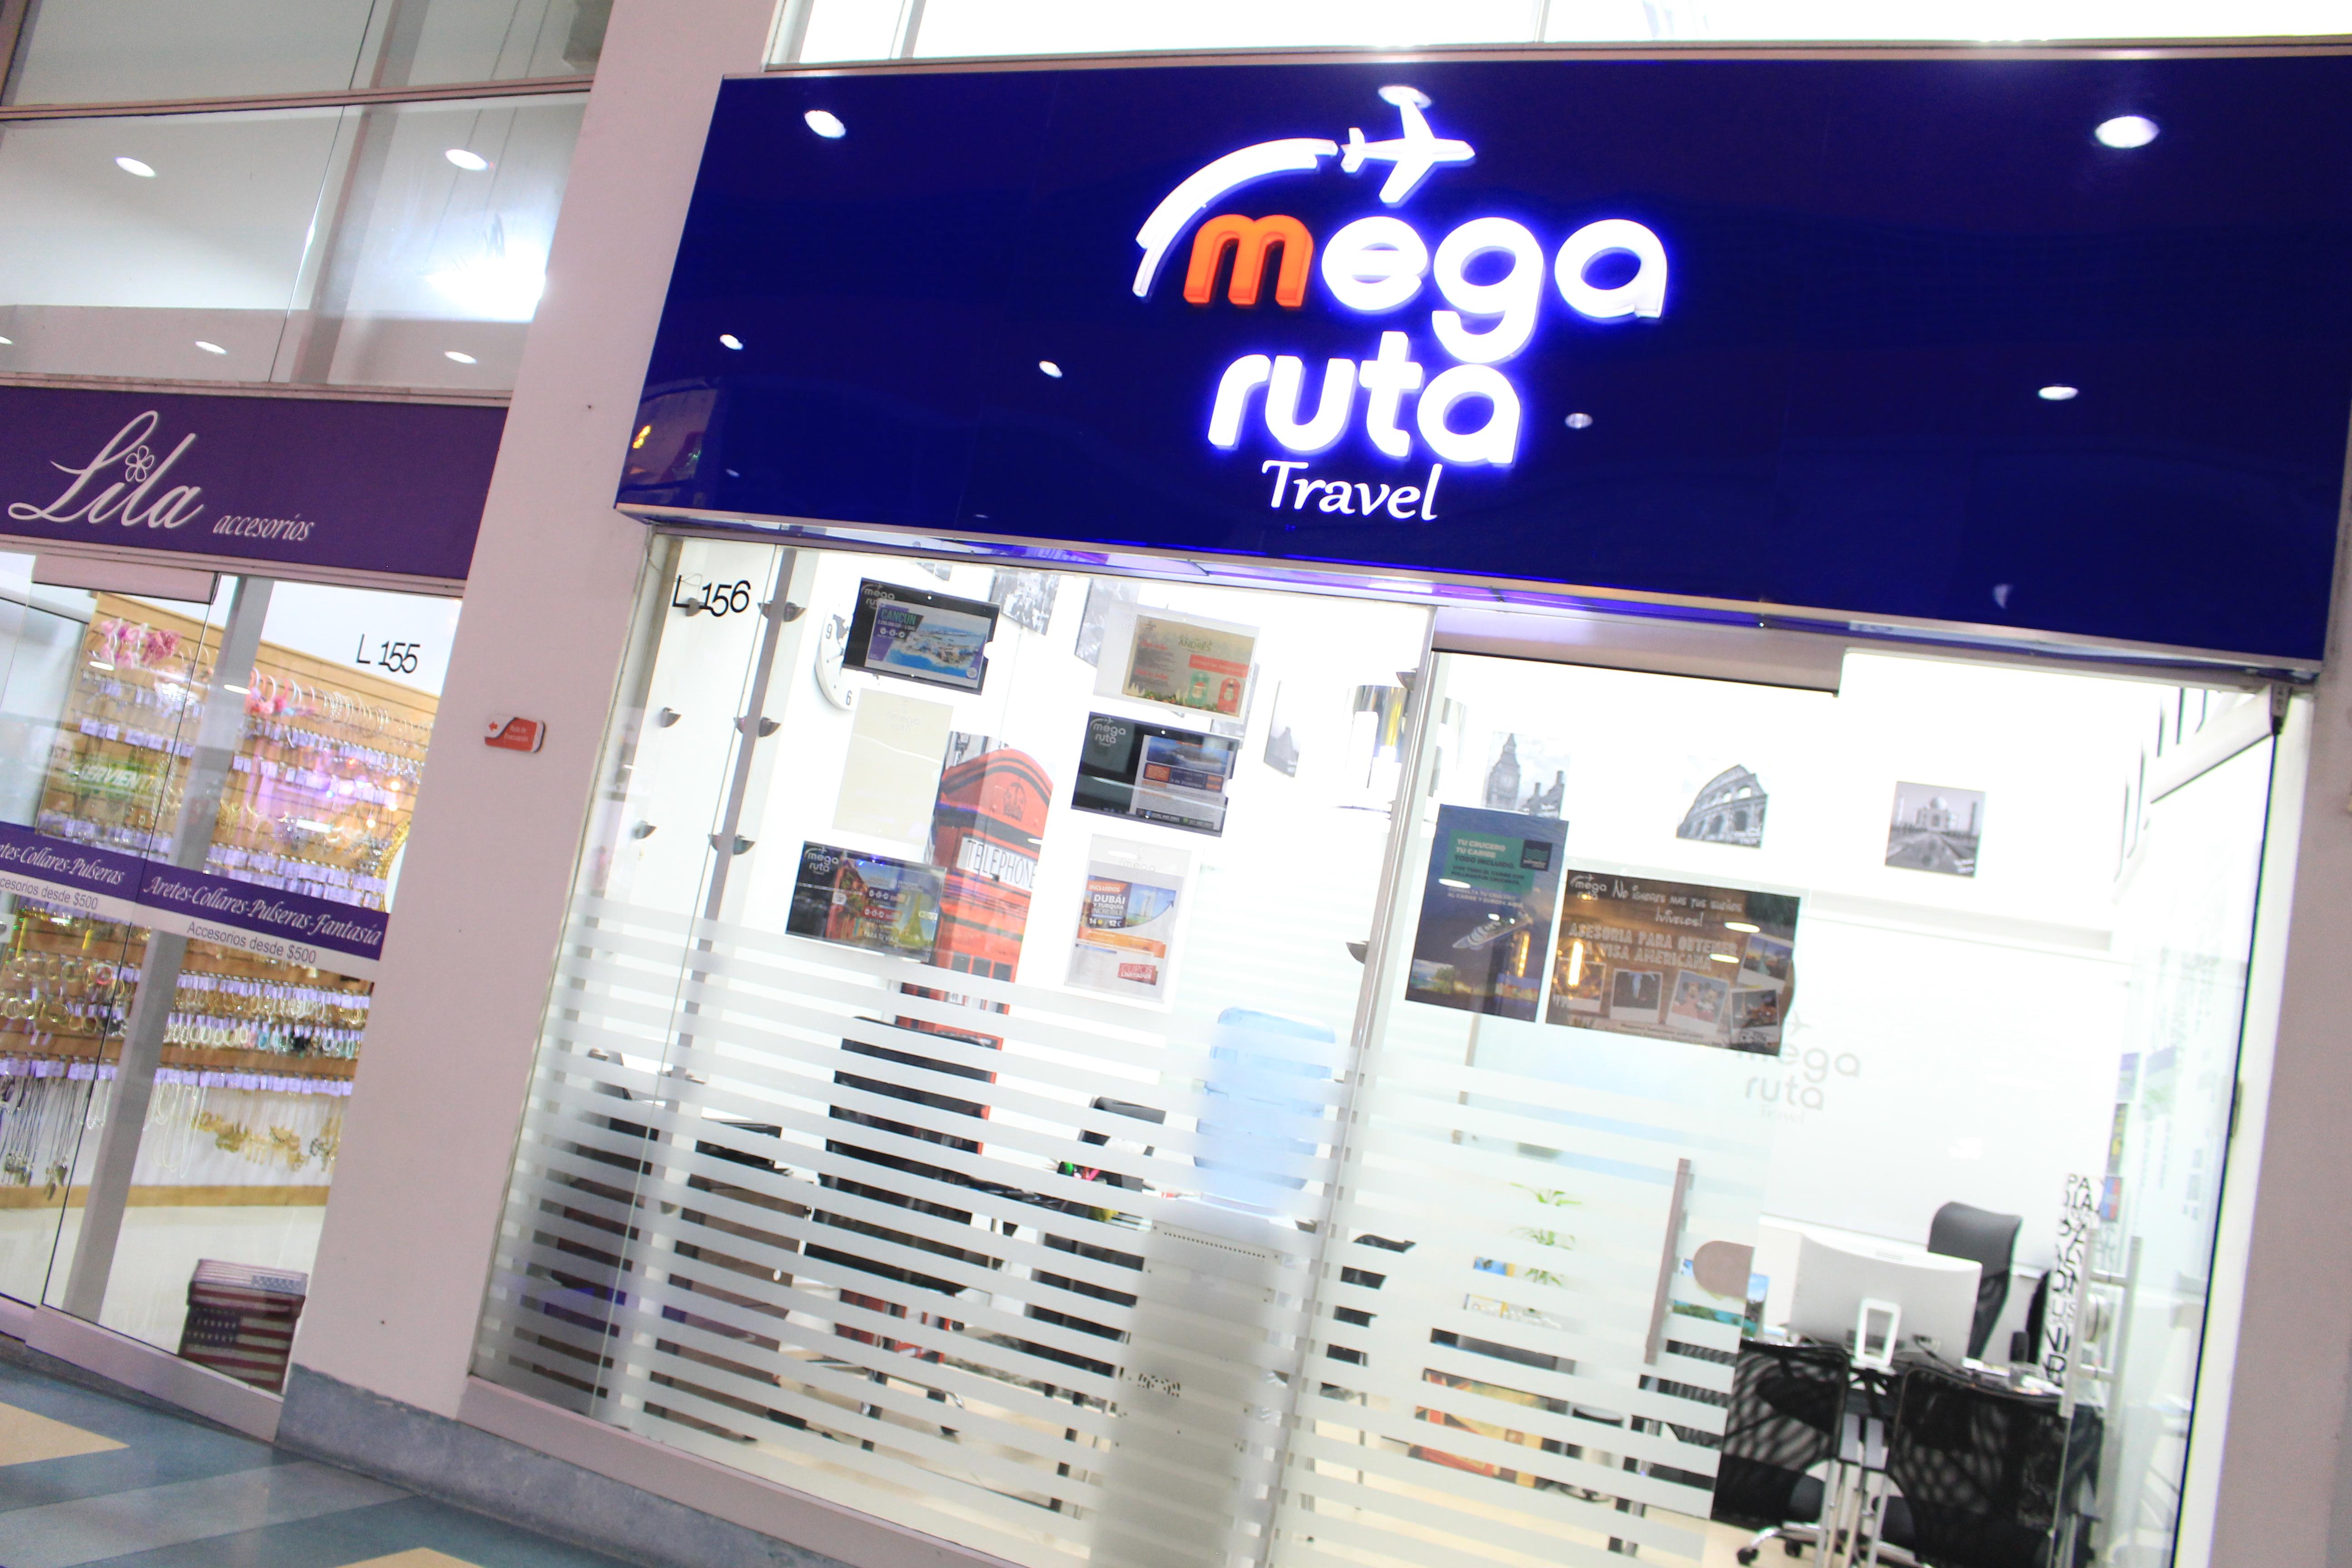 Mega Ruta Travel – Local 156